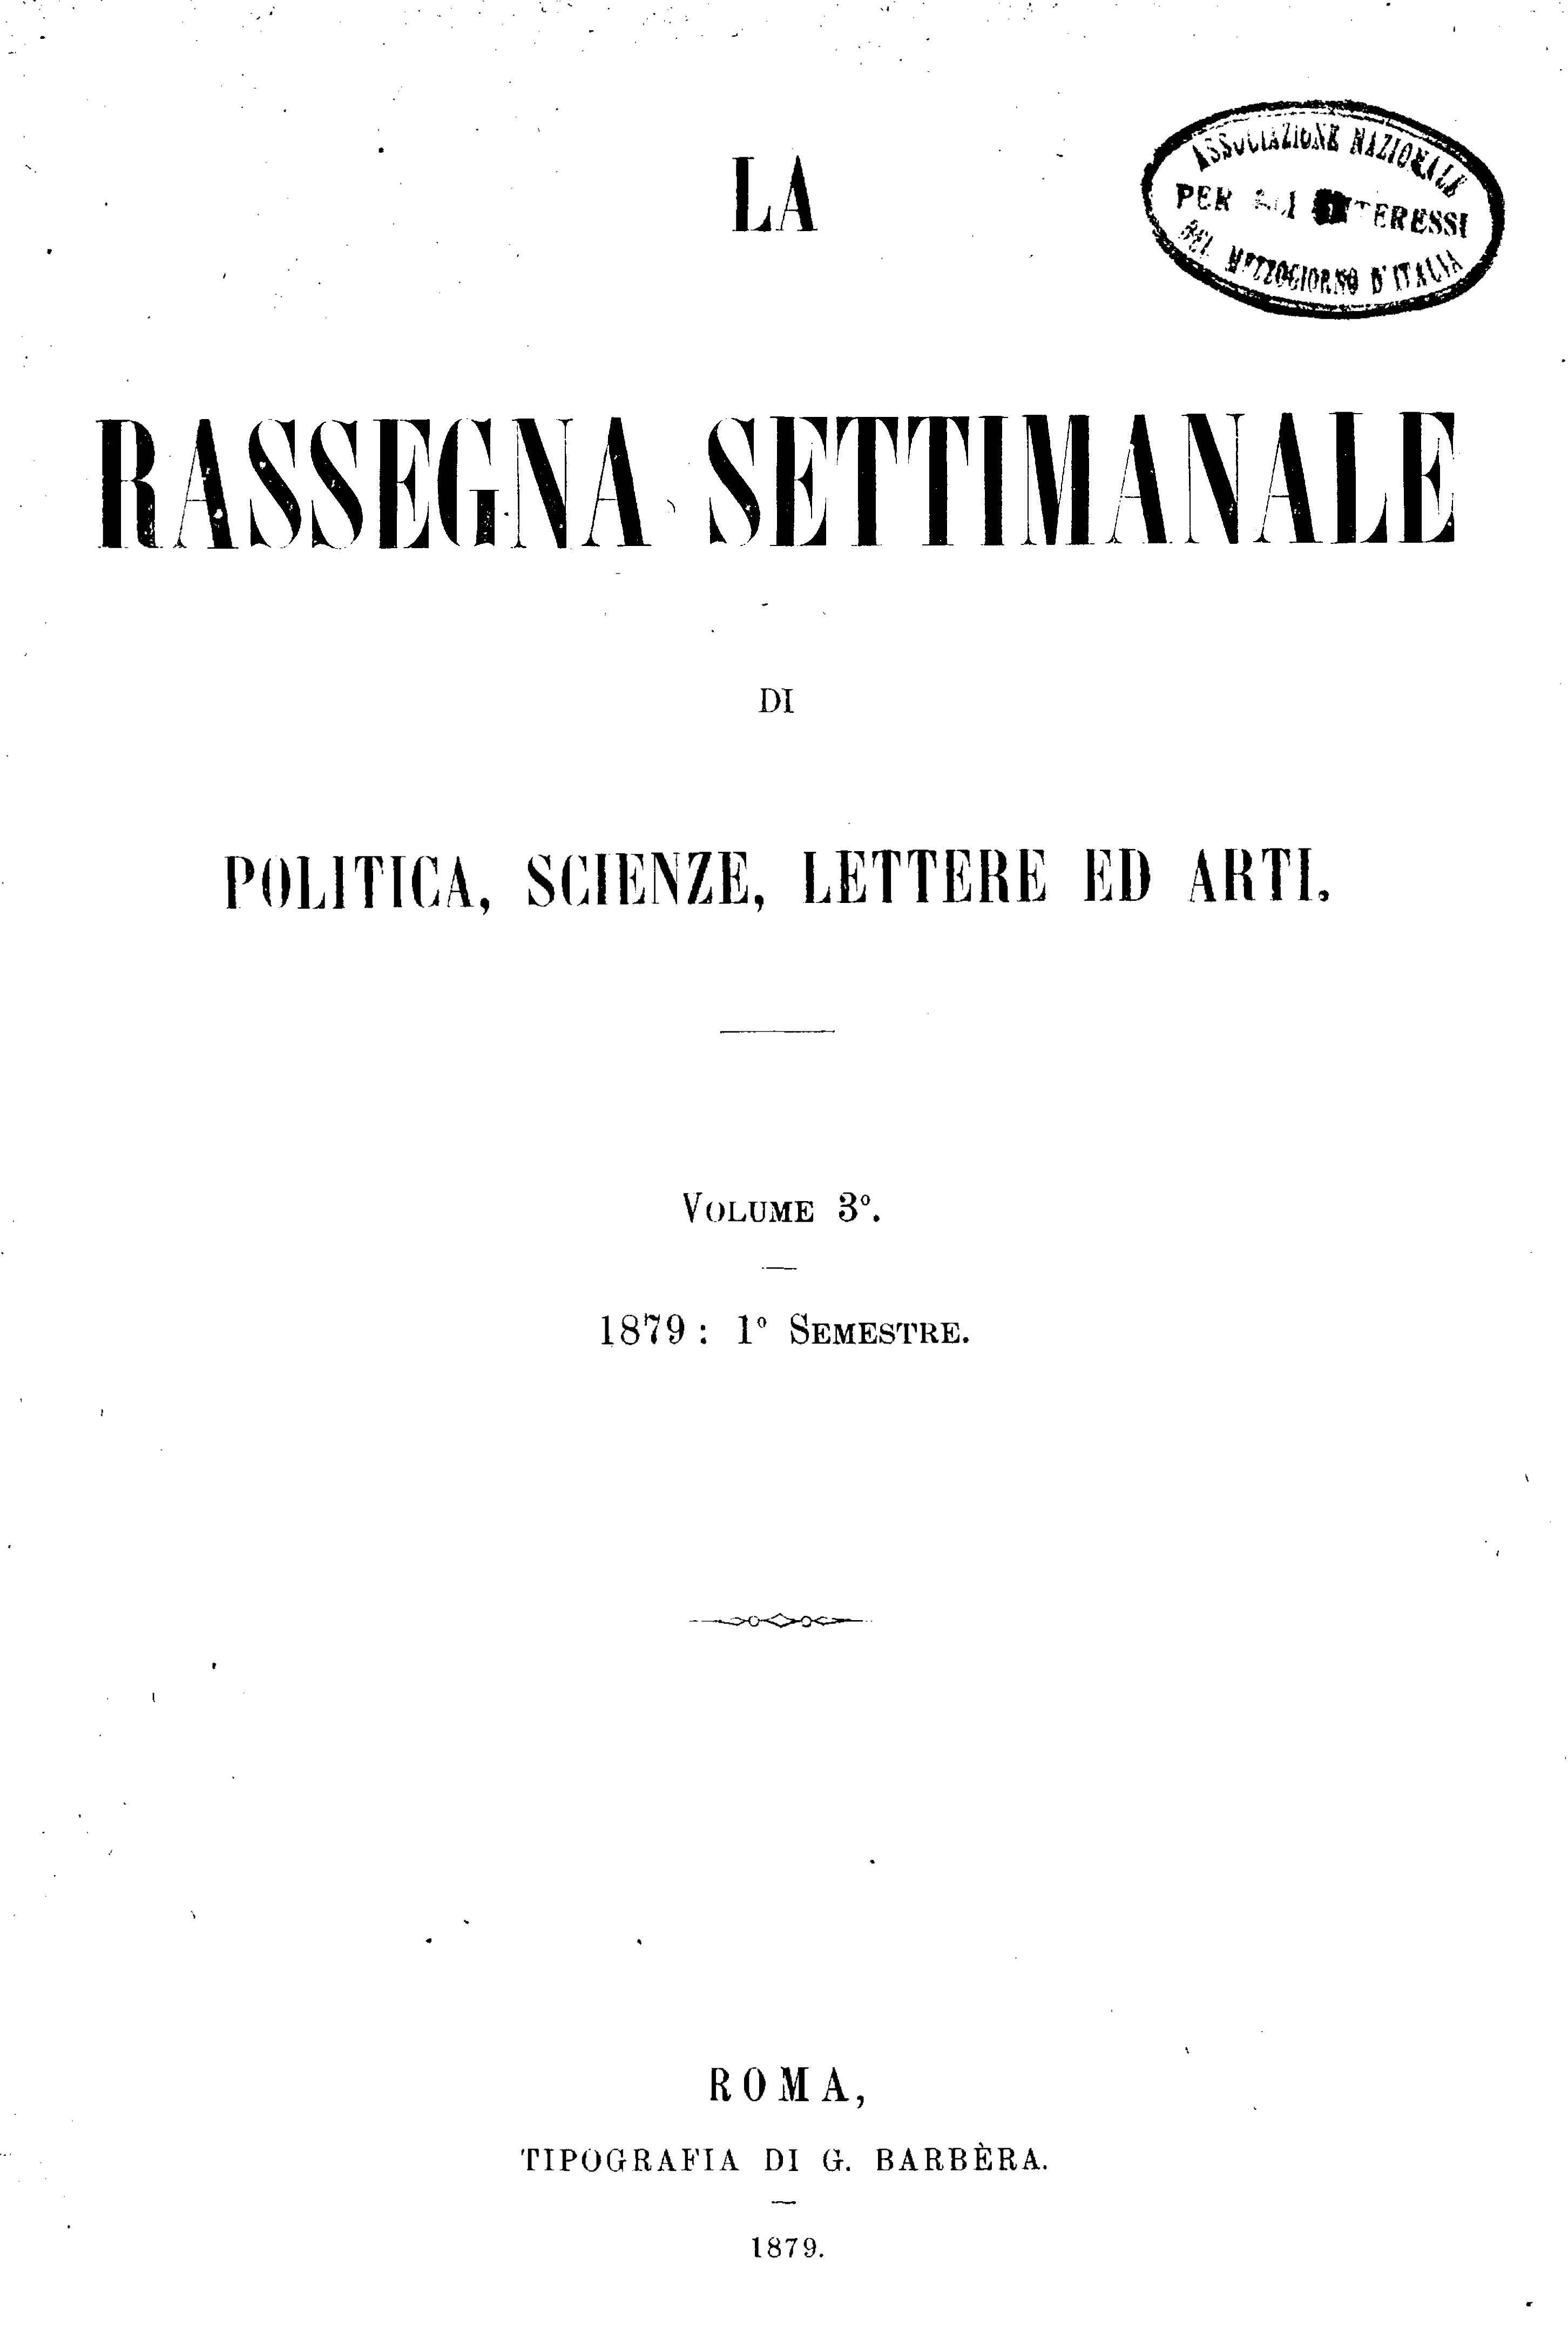 Fascicolo 61 - Volume 3 - 1879 - Semestre 1 - Trimestre 1